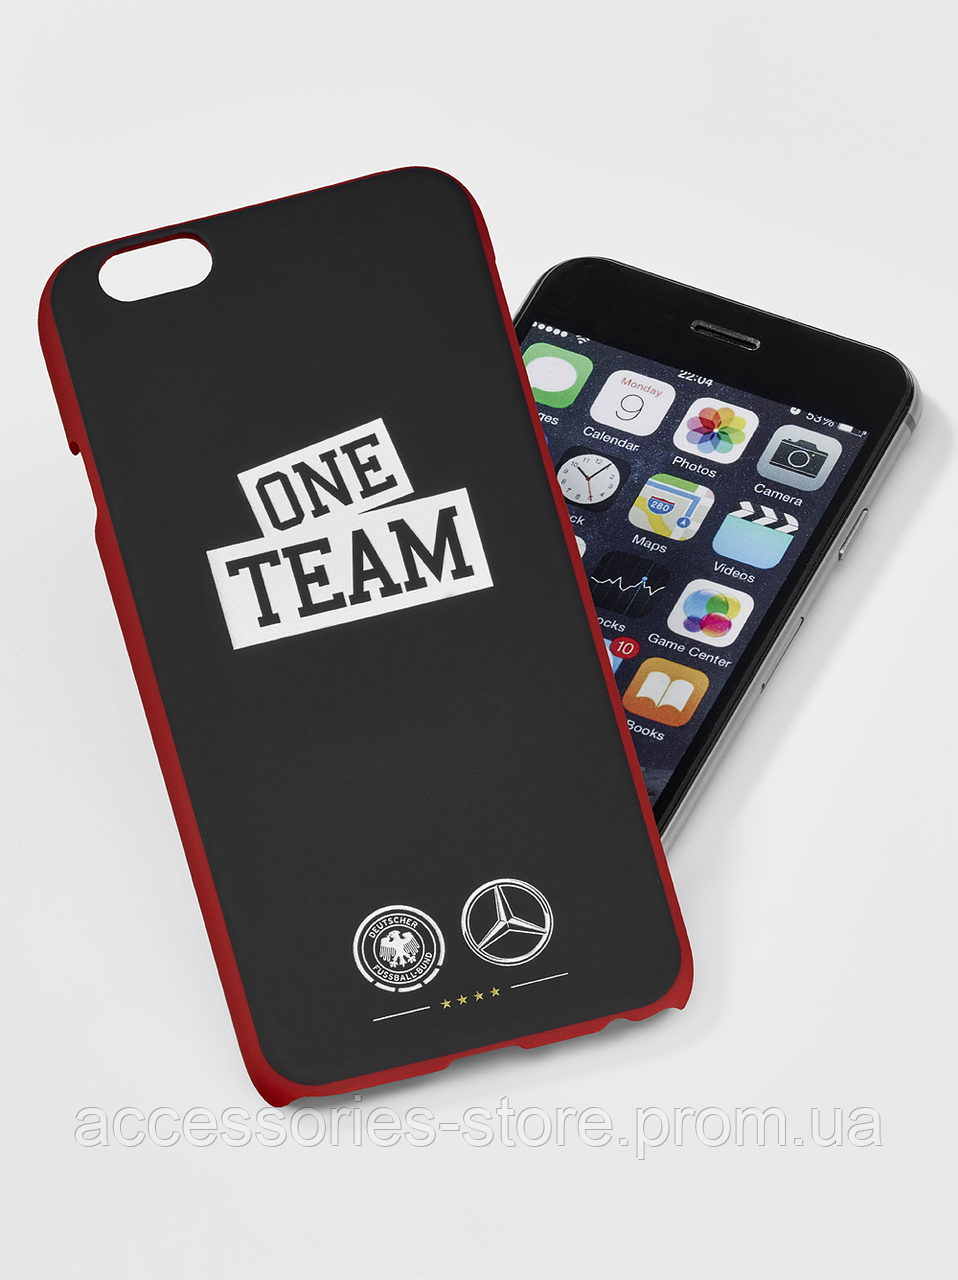 Пластиковый чехол для iPhone 6/6S Mercedes-Benz Cover for iPhone® 6/6s, ONE TEAM, Black